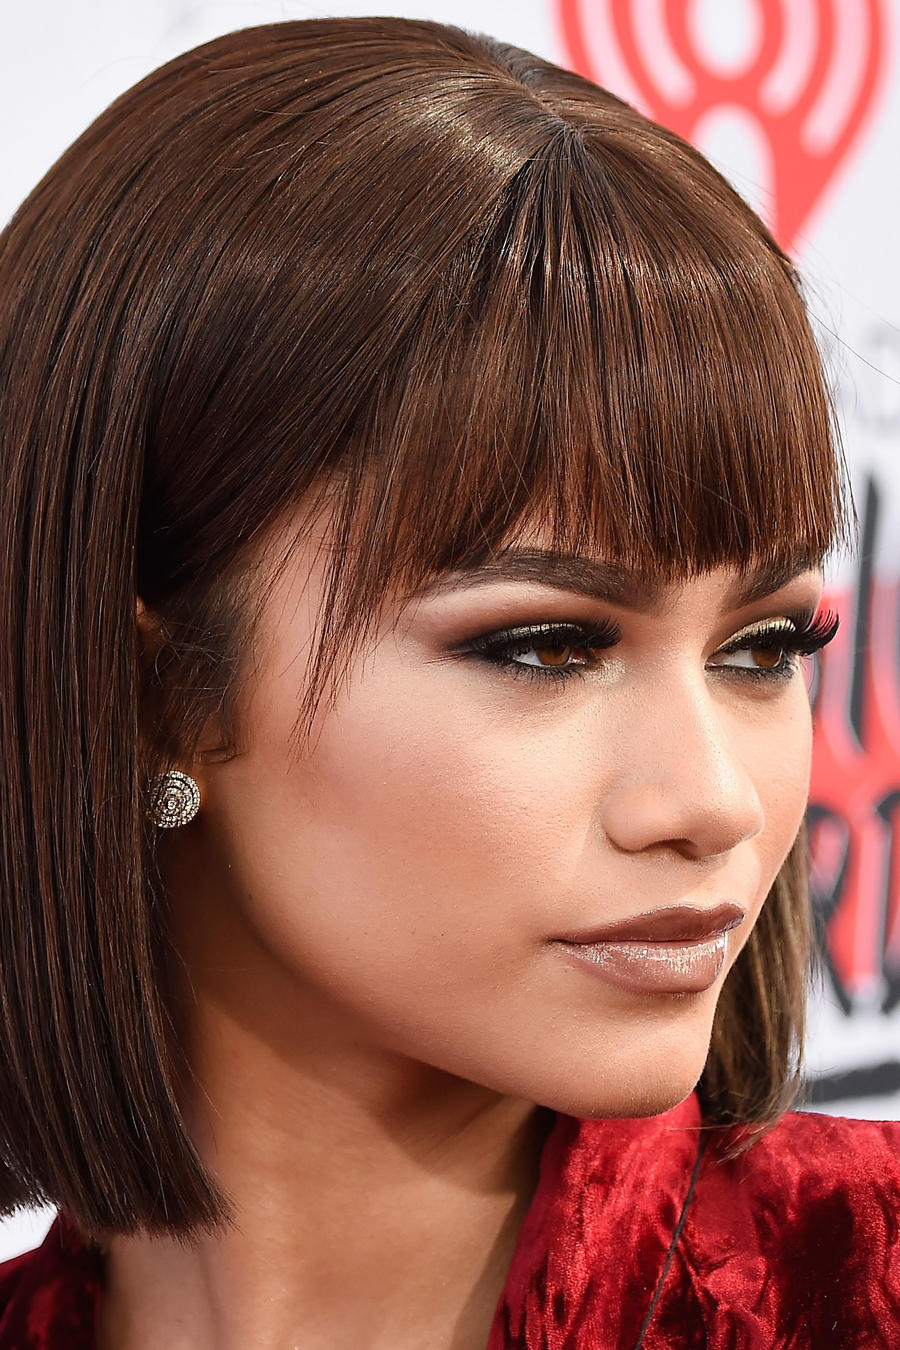 Zendaya en el red carpet de los iHeartRadio Music Awards 2016